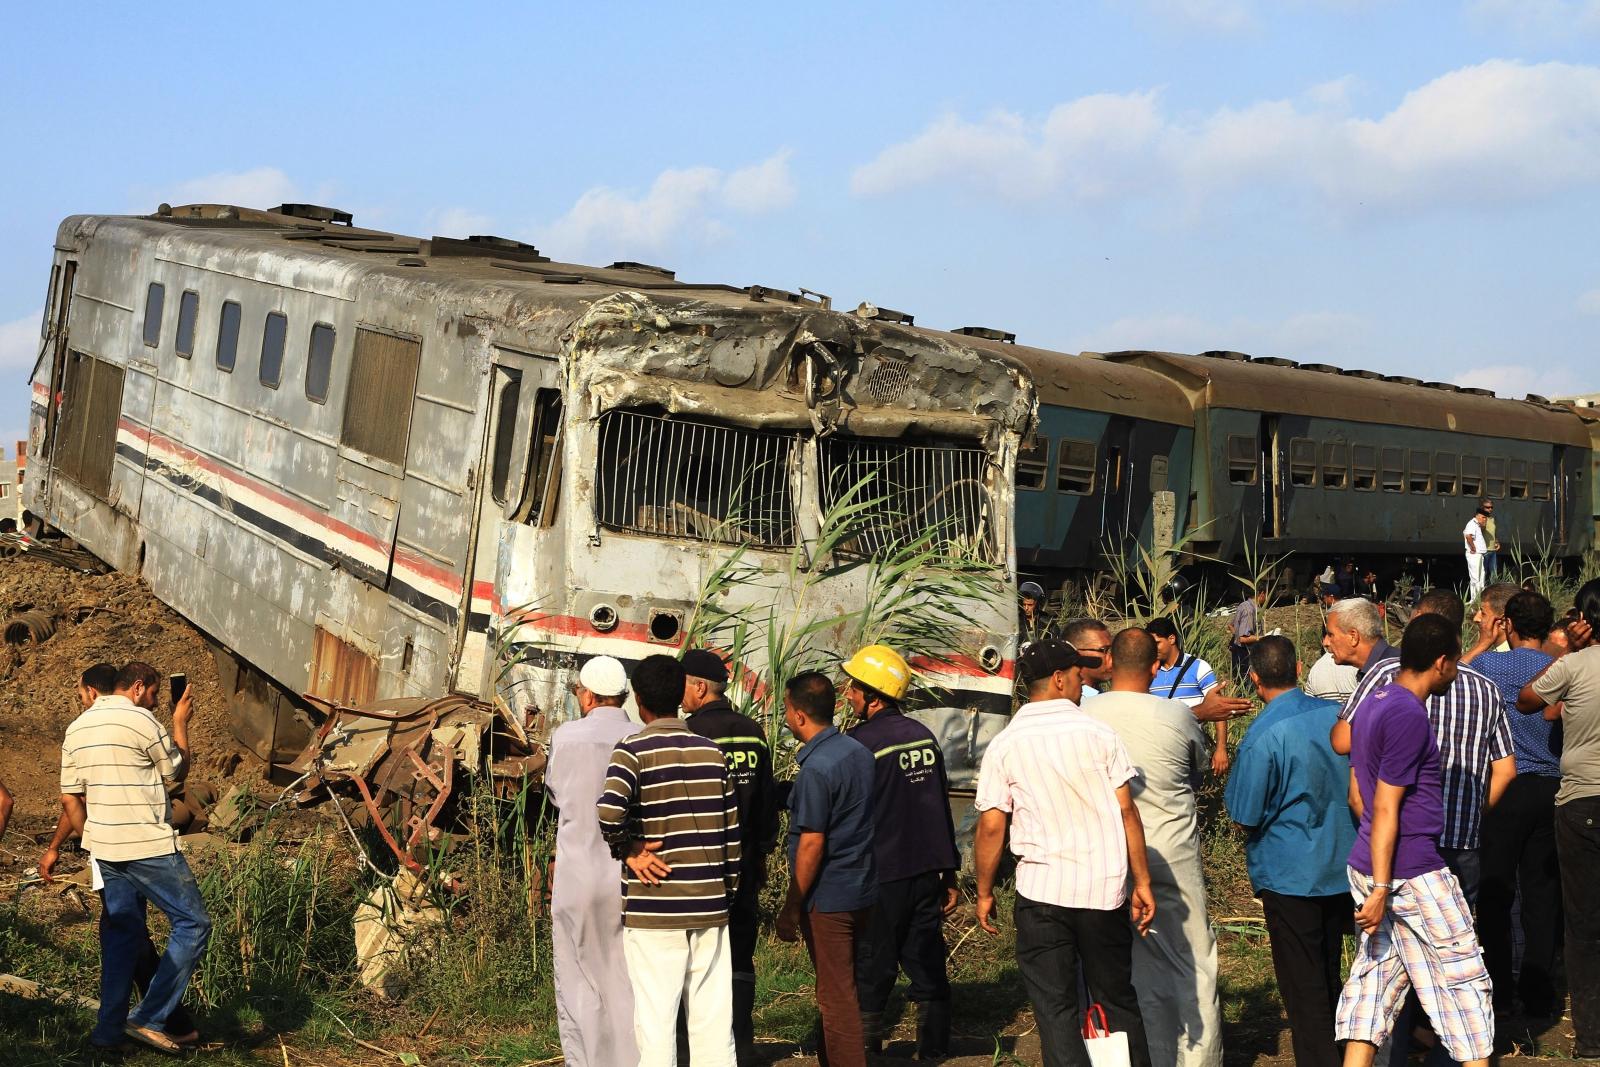 Katastrofa kolejowa w Egipcie EPA/HAZEM GOUDA